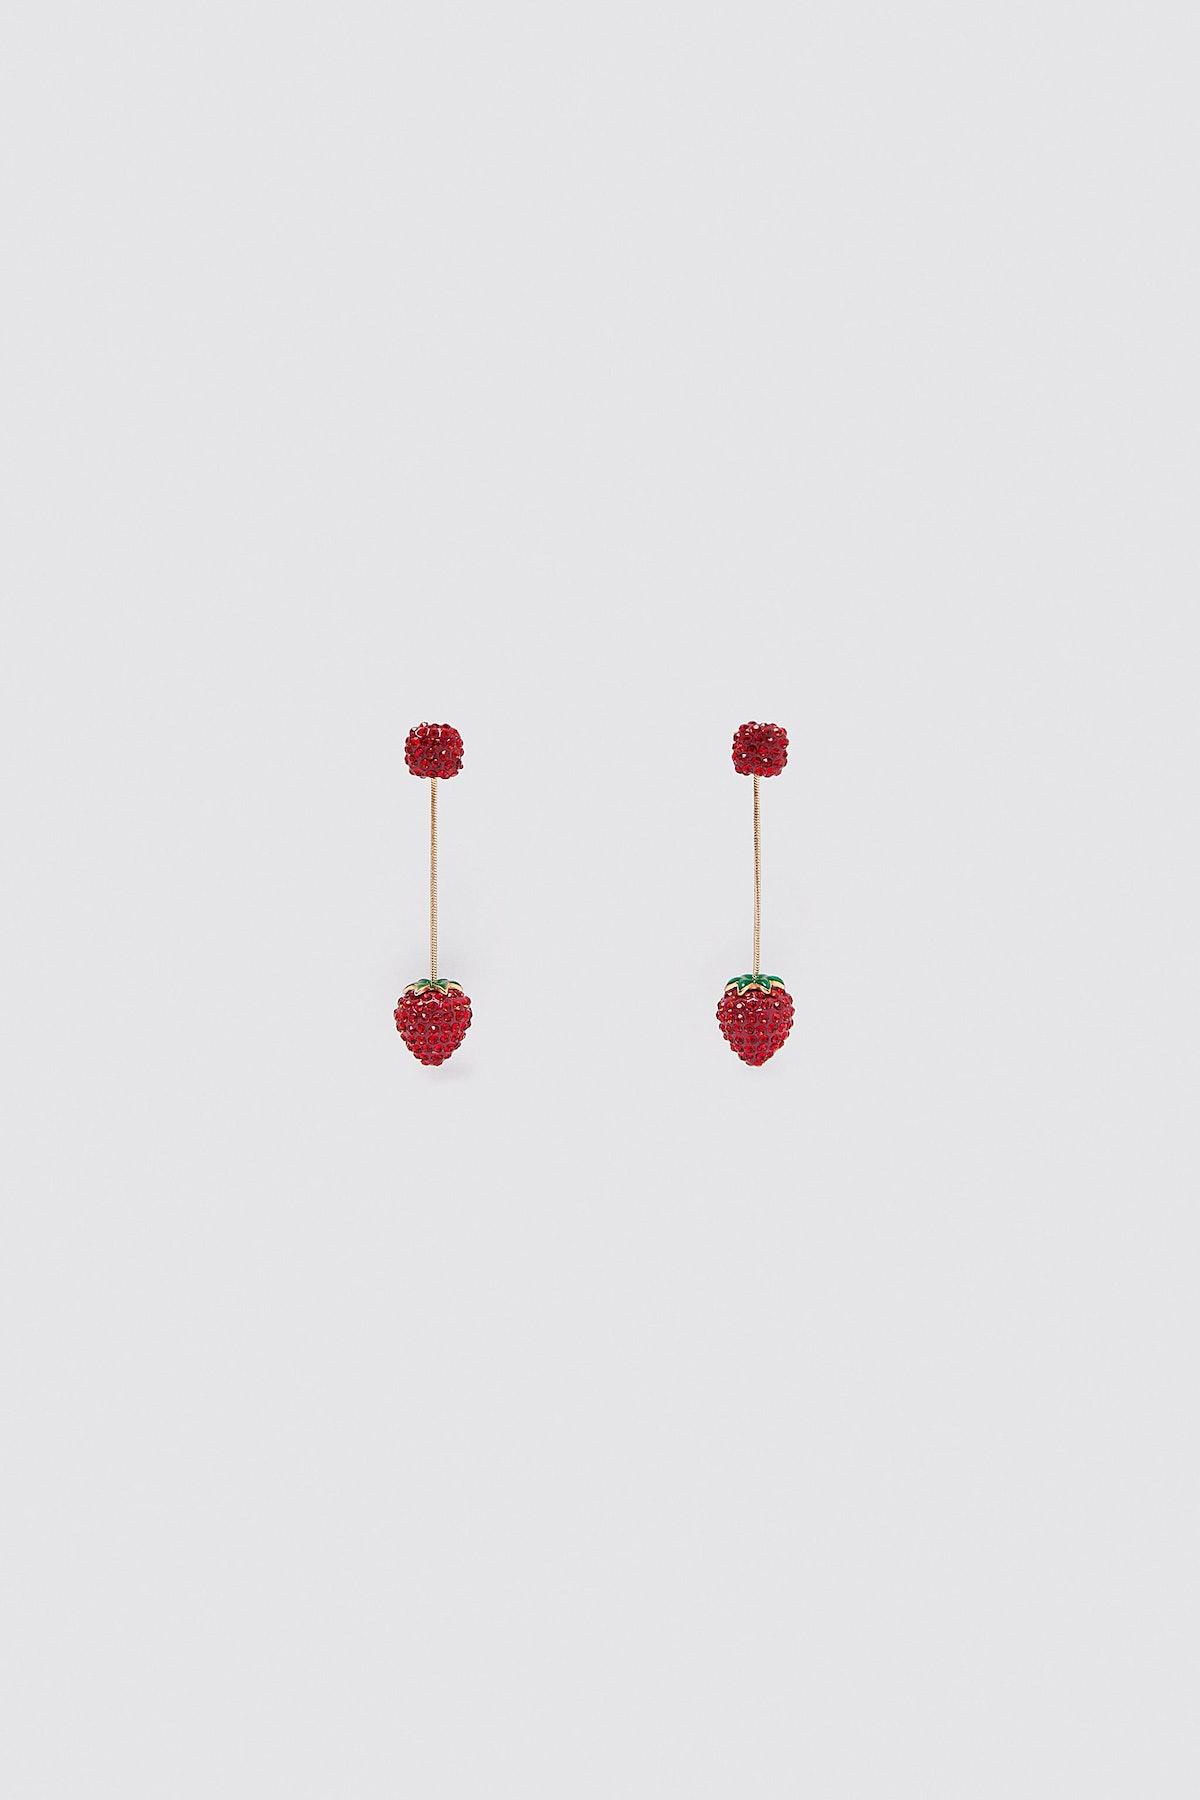 Zara Long Strawberry Earrings